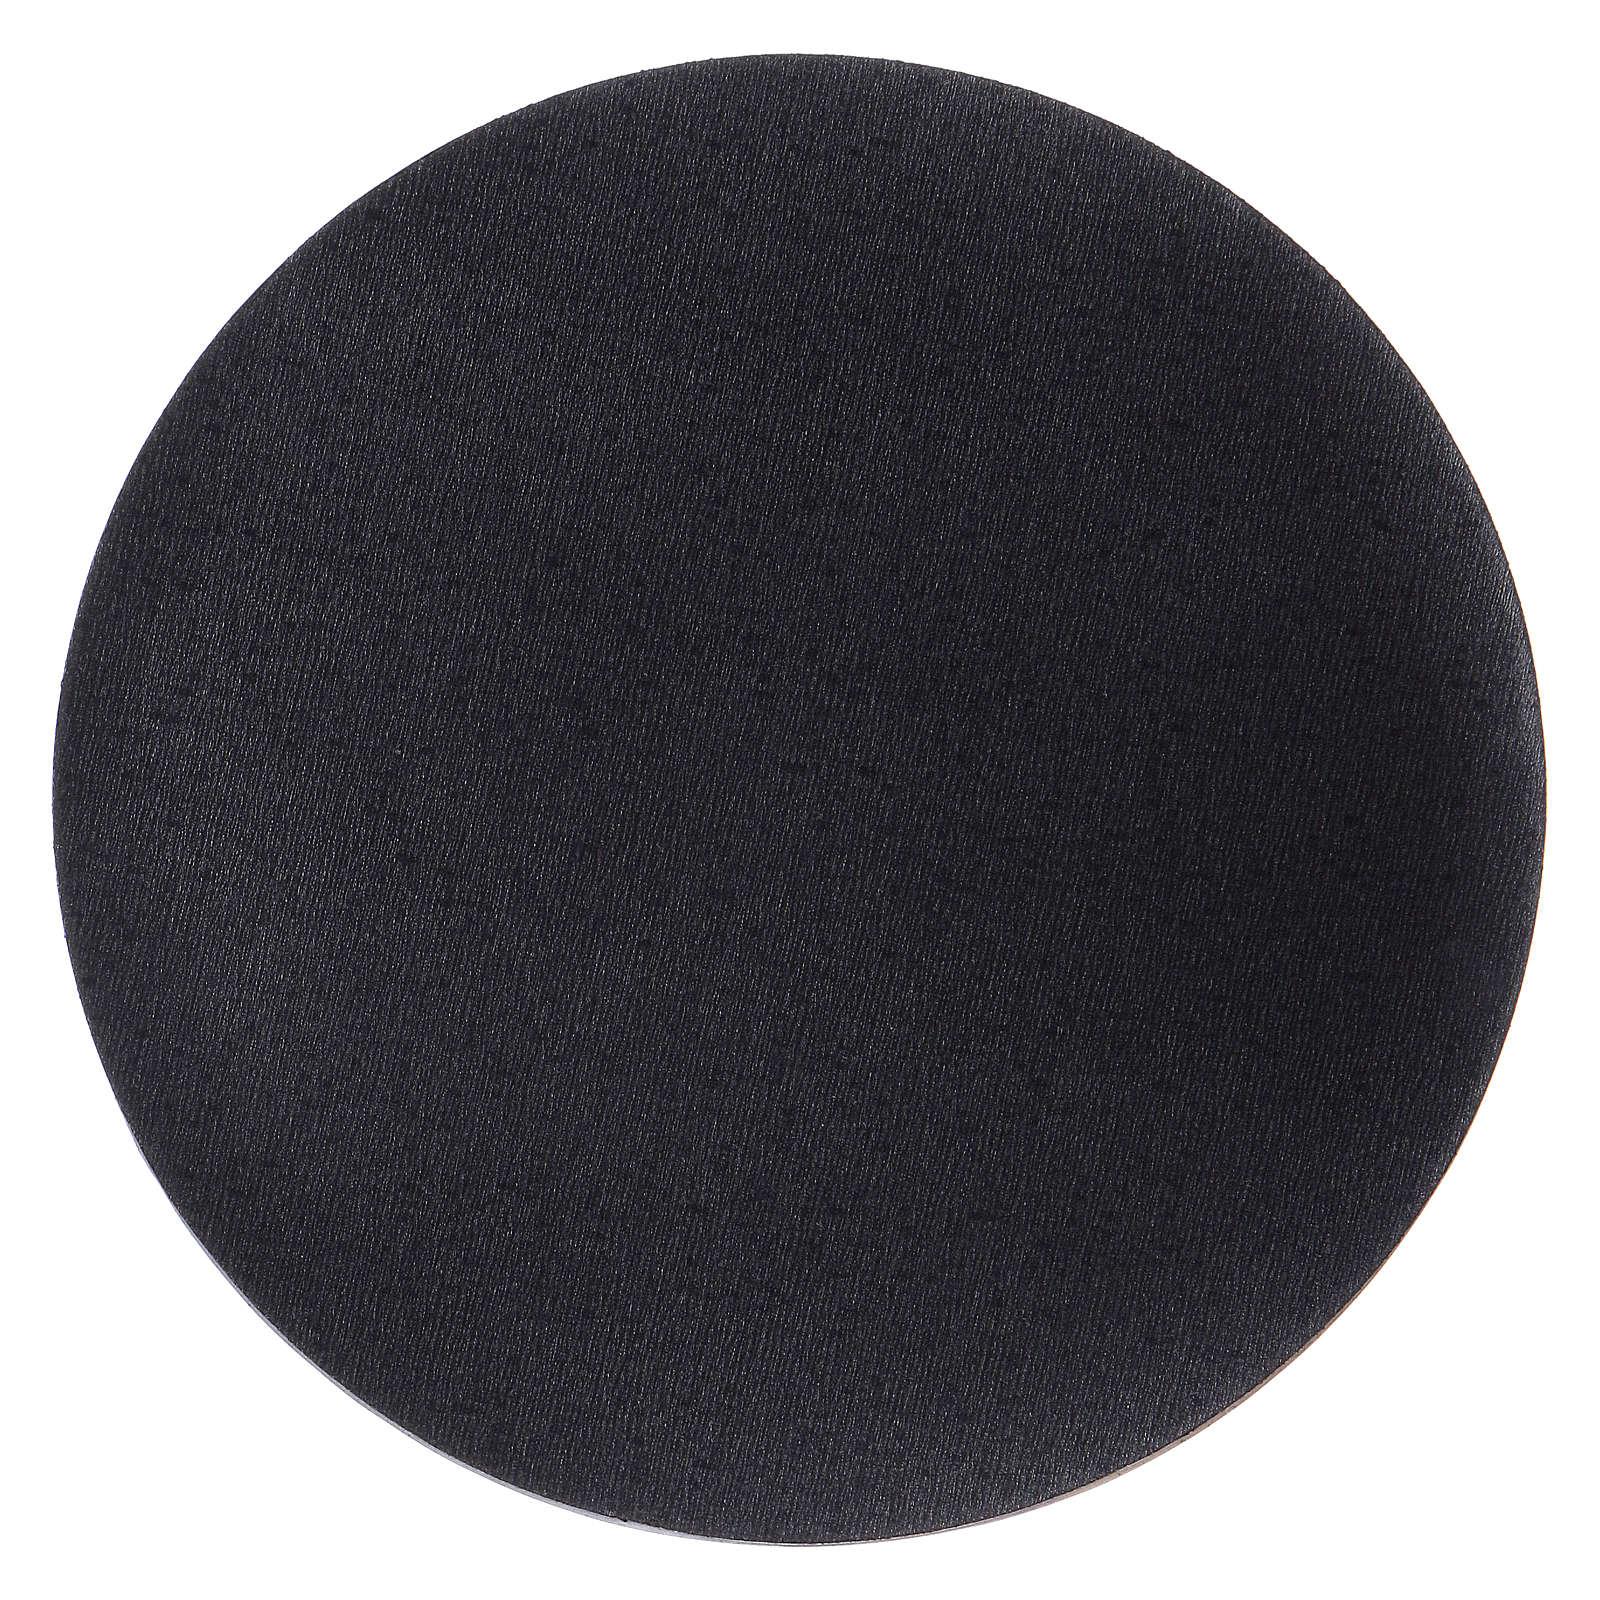 Magnete cresima diametro 7 cm Centro Ave 3